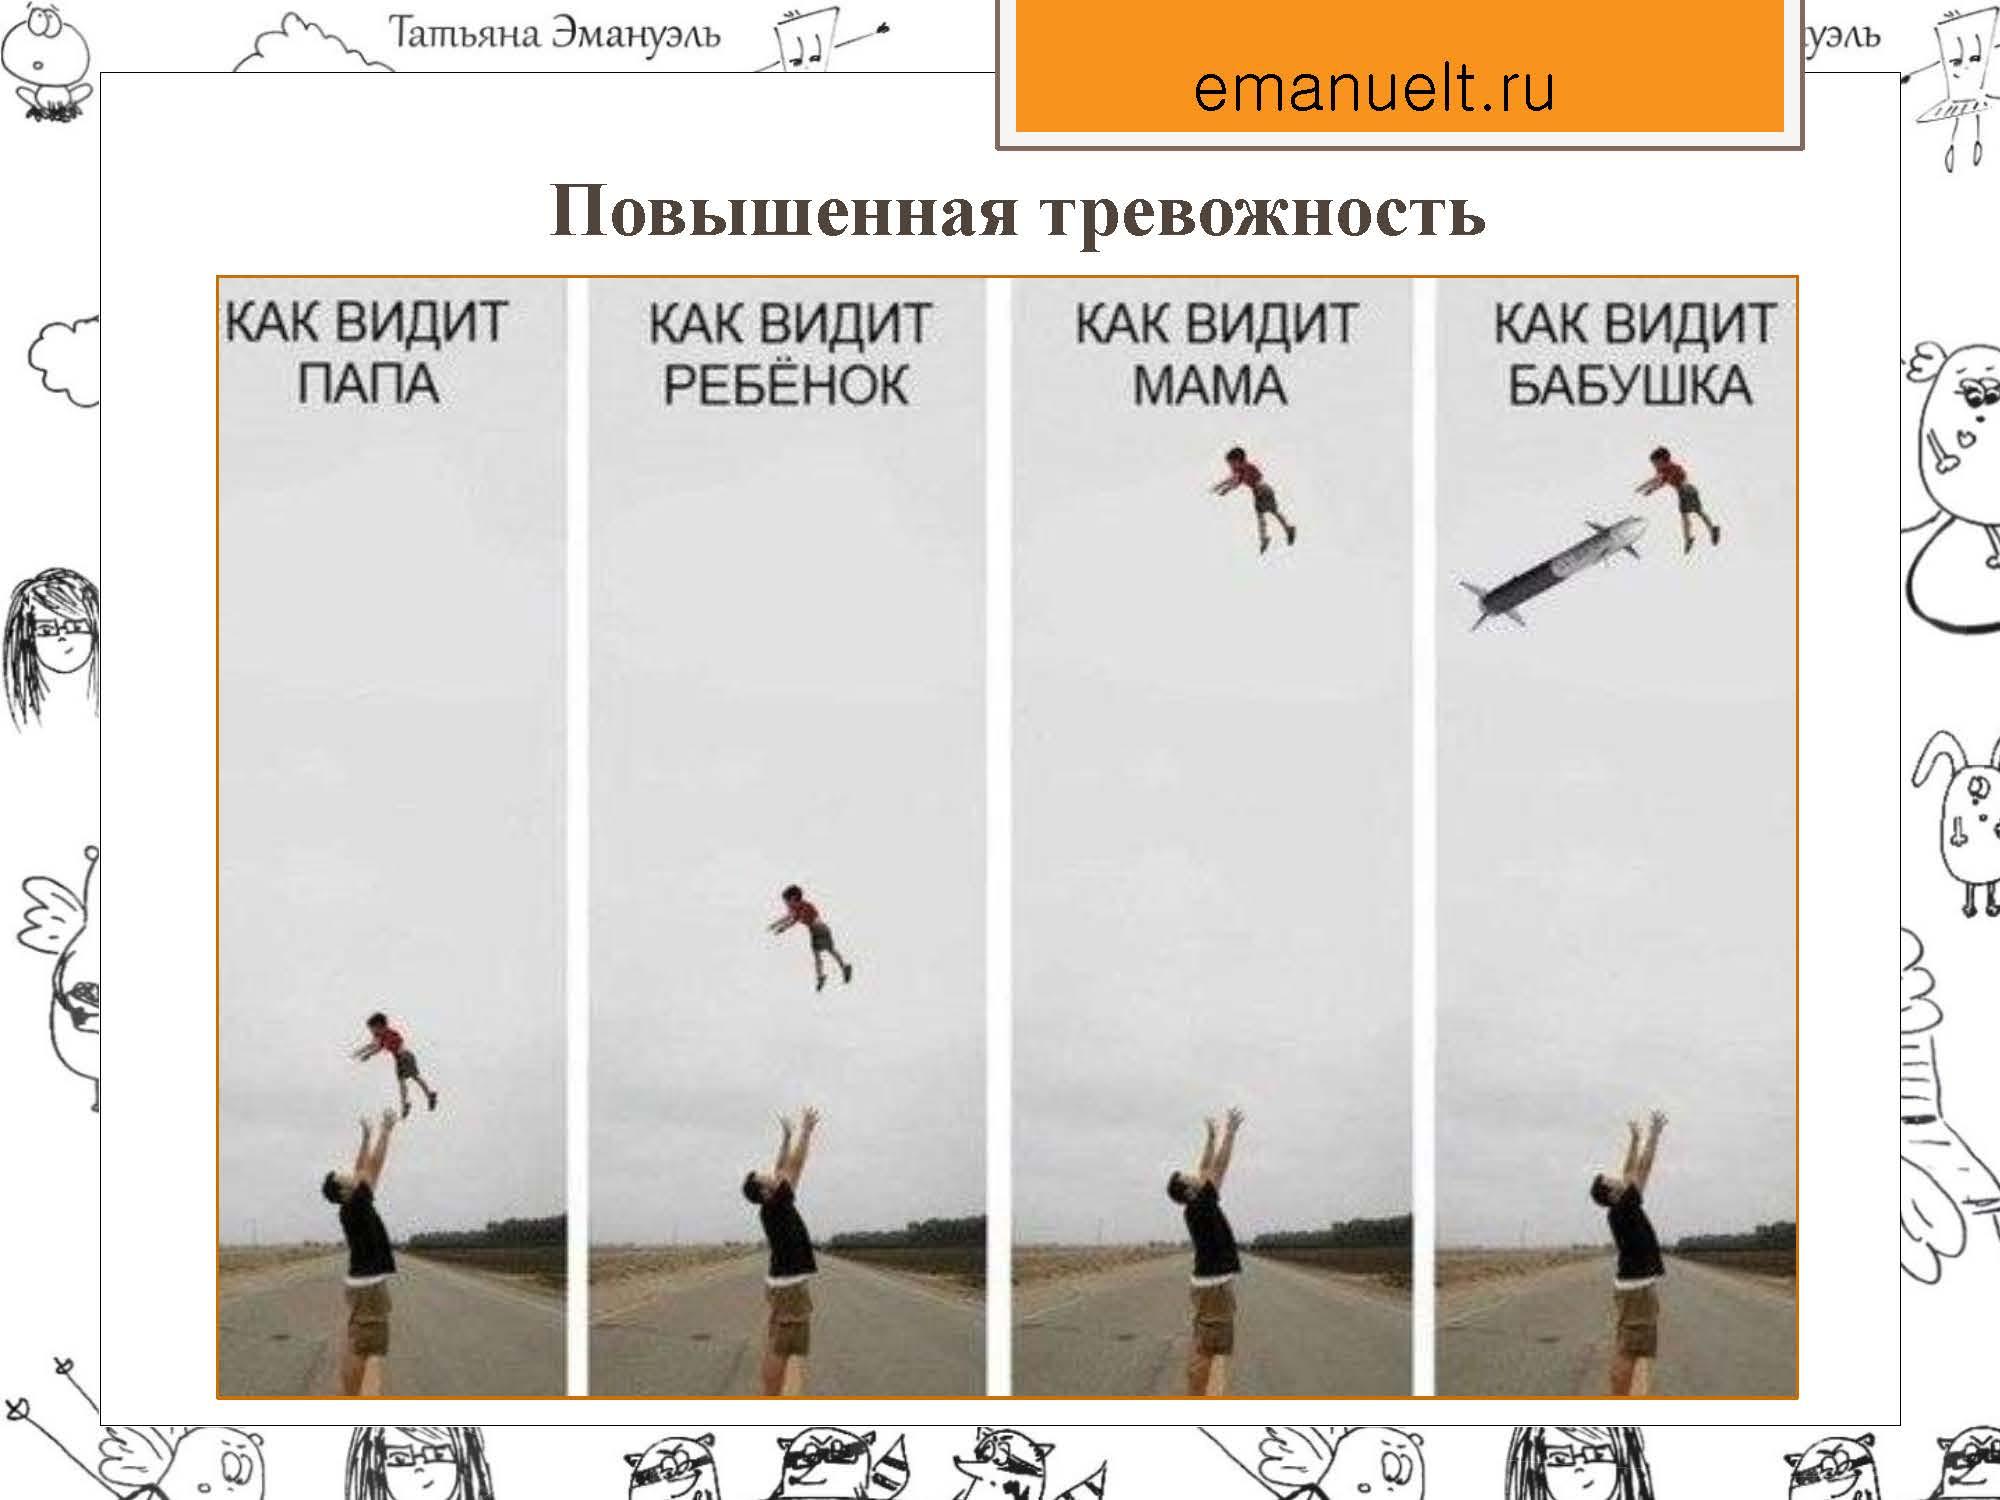 секция 8. Эмануэль Т.С., Московский район_Страница_12